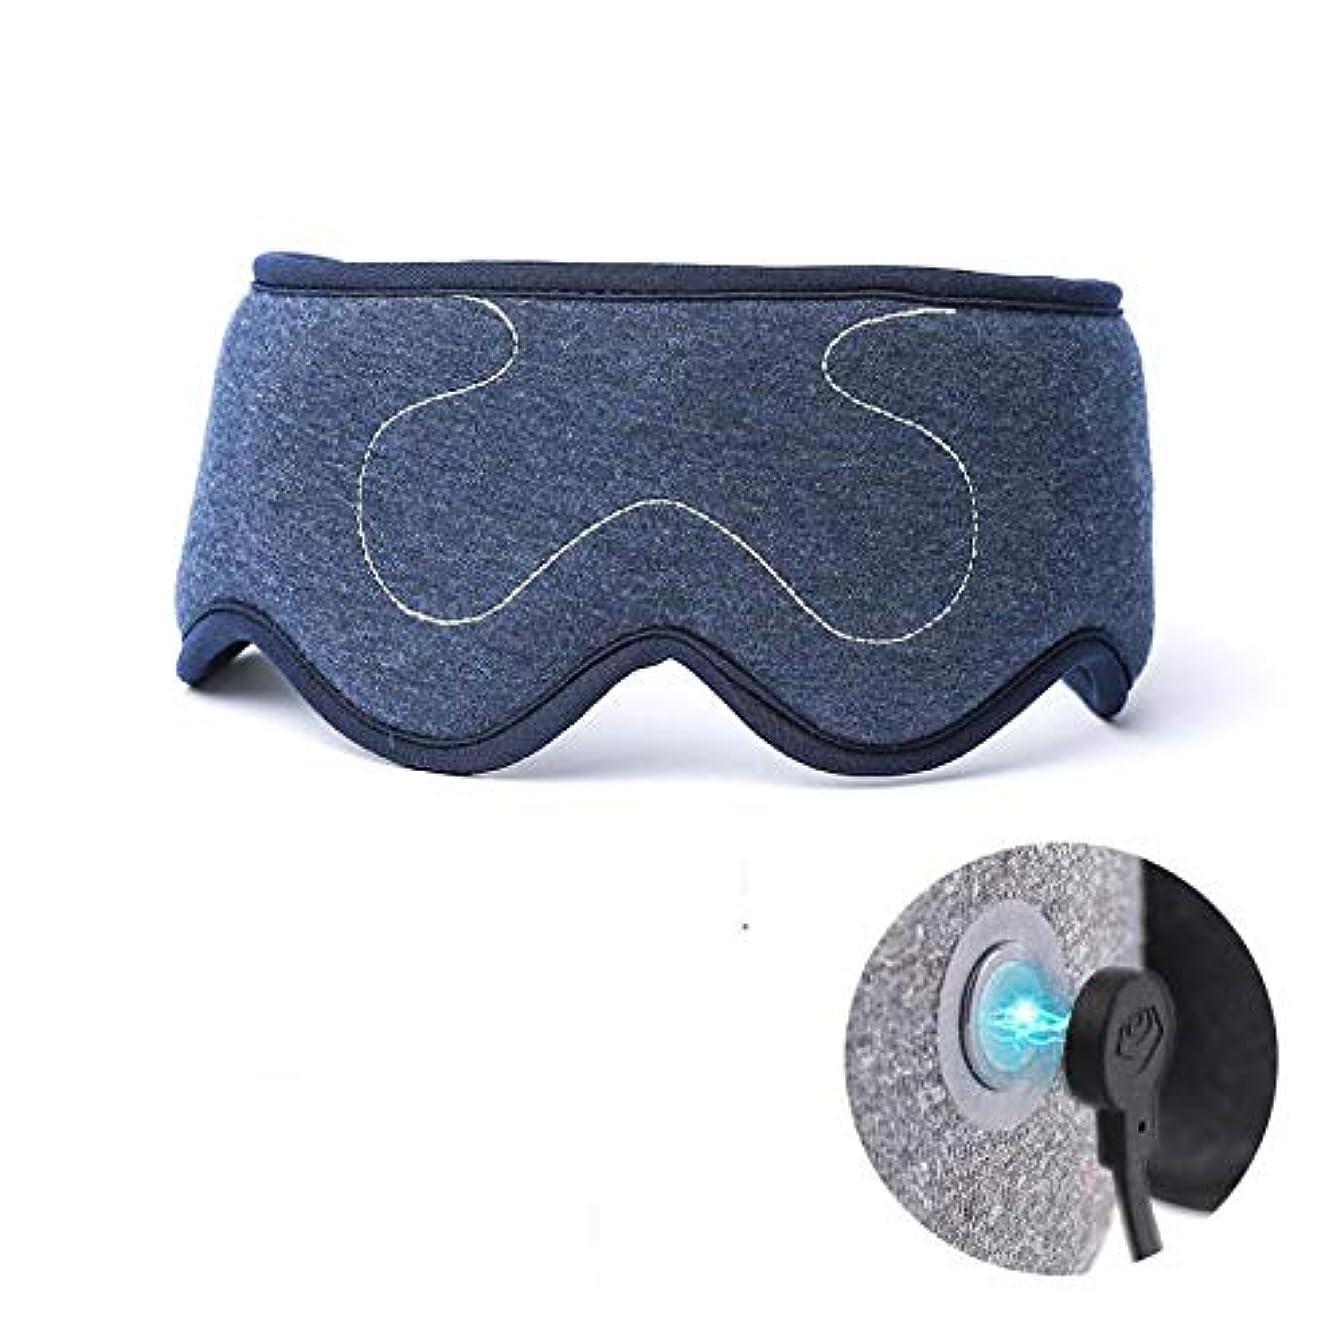 オリエンテーションタワードライバNOTE HANRIVER 2018目の疲れを軽減するために加熱蒸気を目隠しusb加熱暖房蒸気3 d大シェーディング睡眠マスク